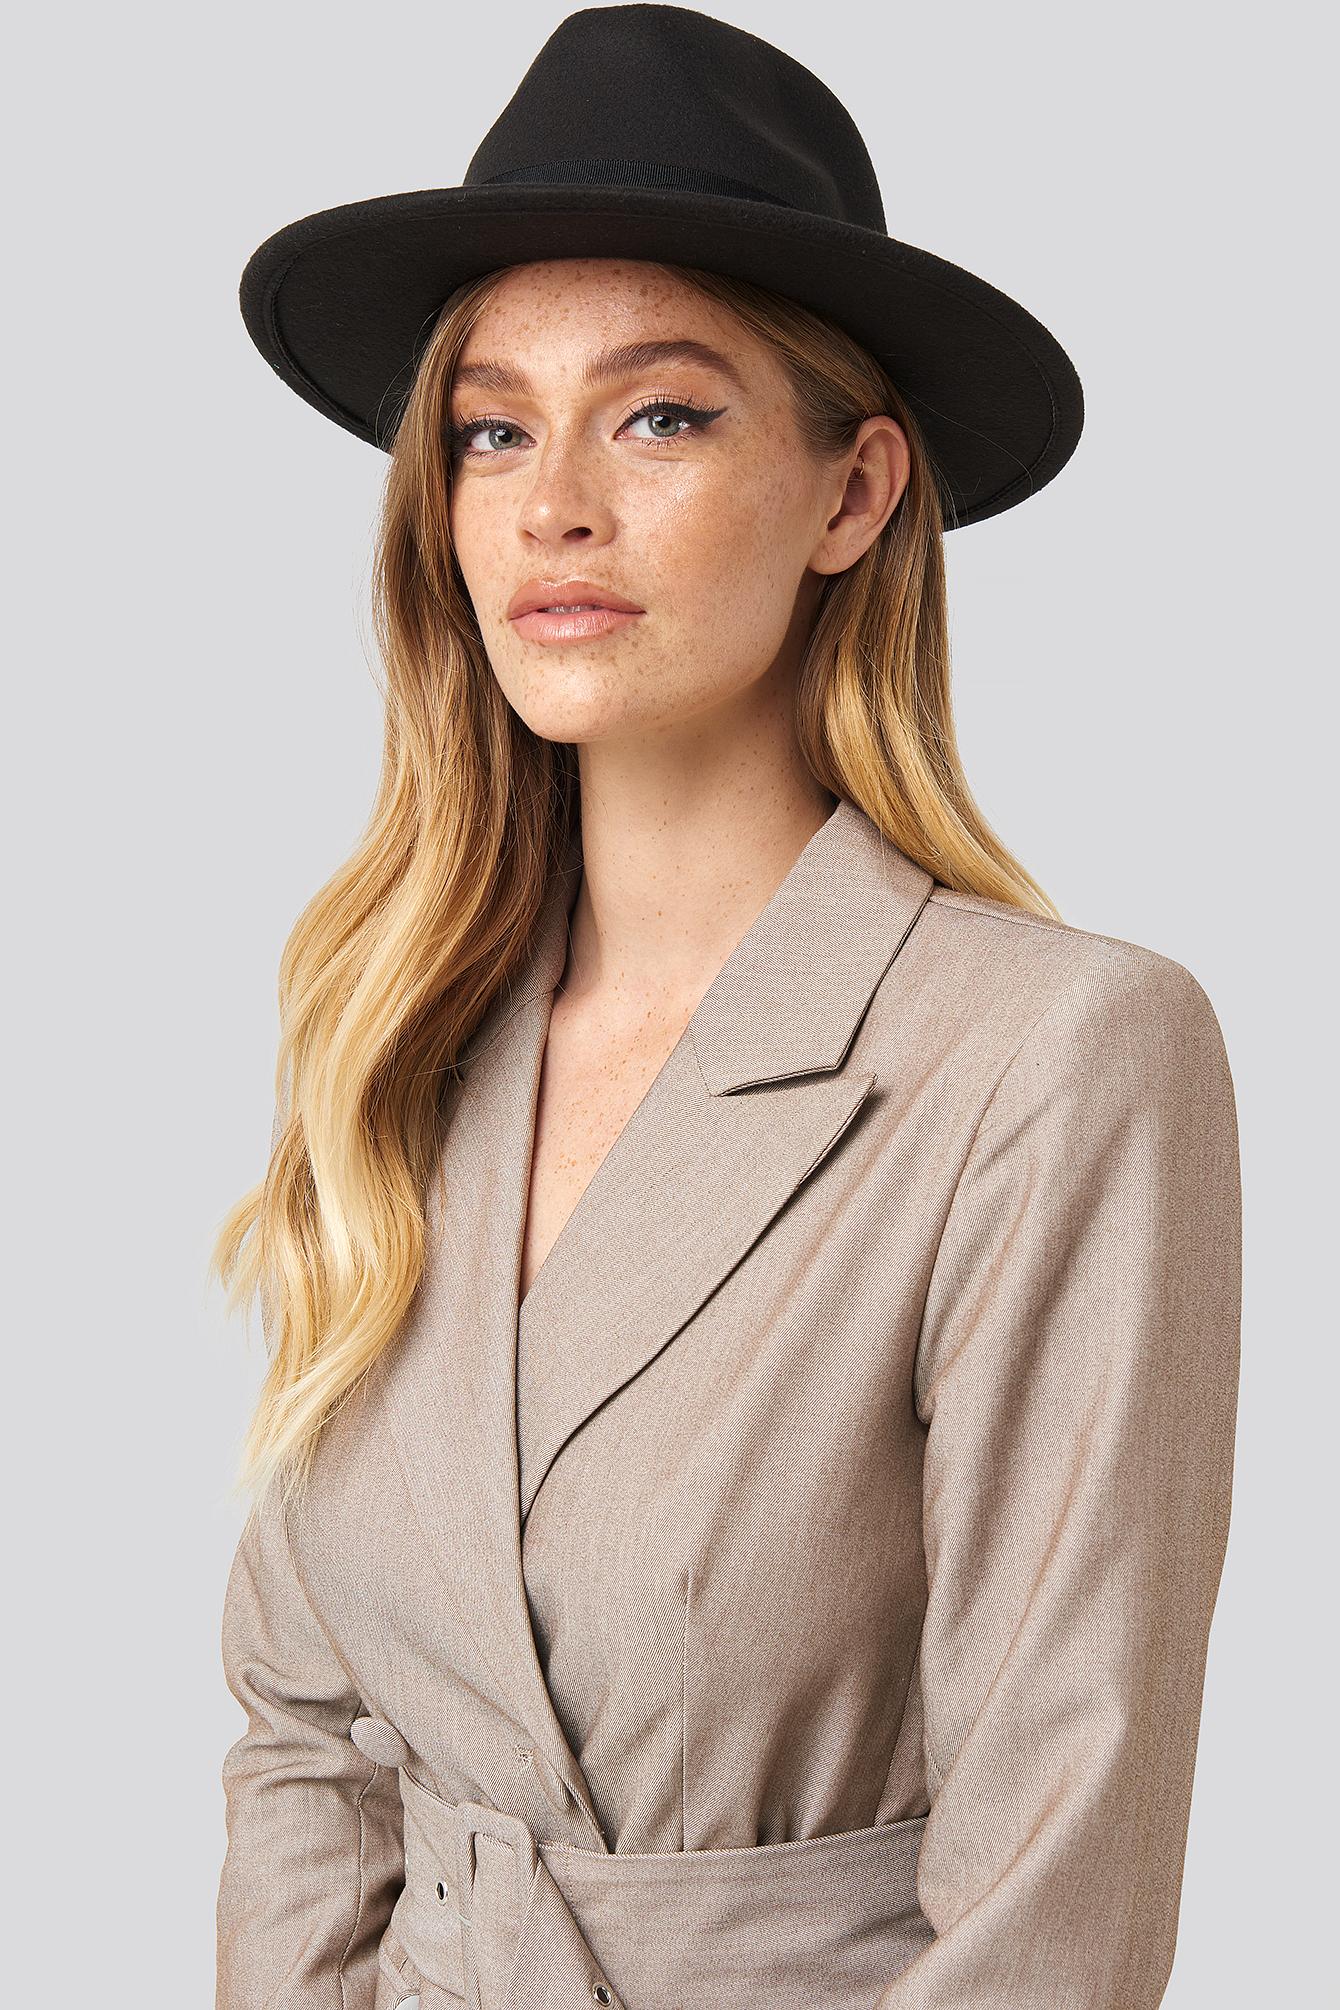 na-kd accessories -  Basic Fedora Hat - Black